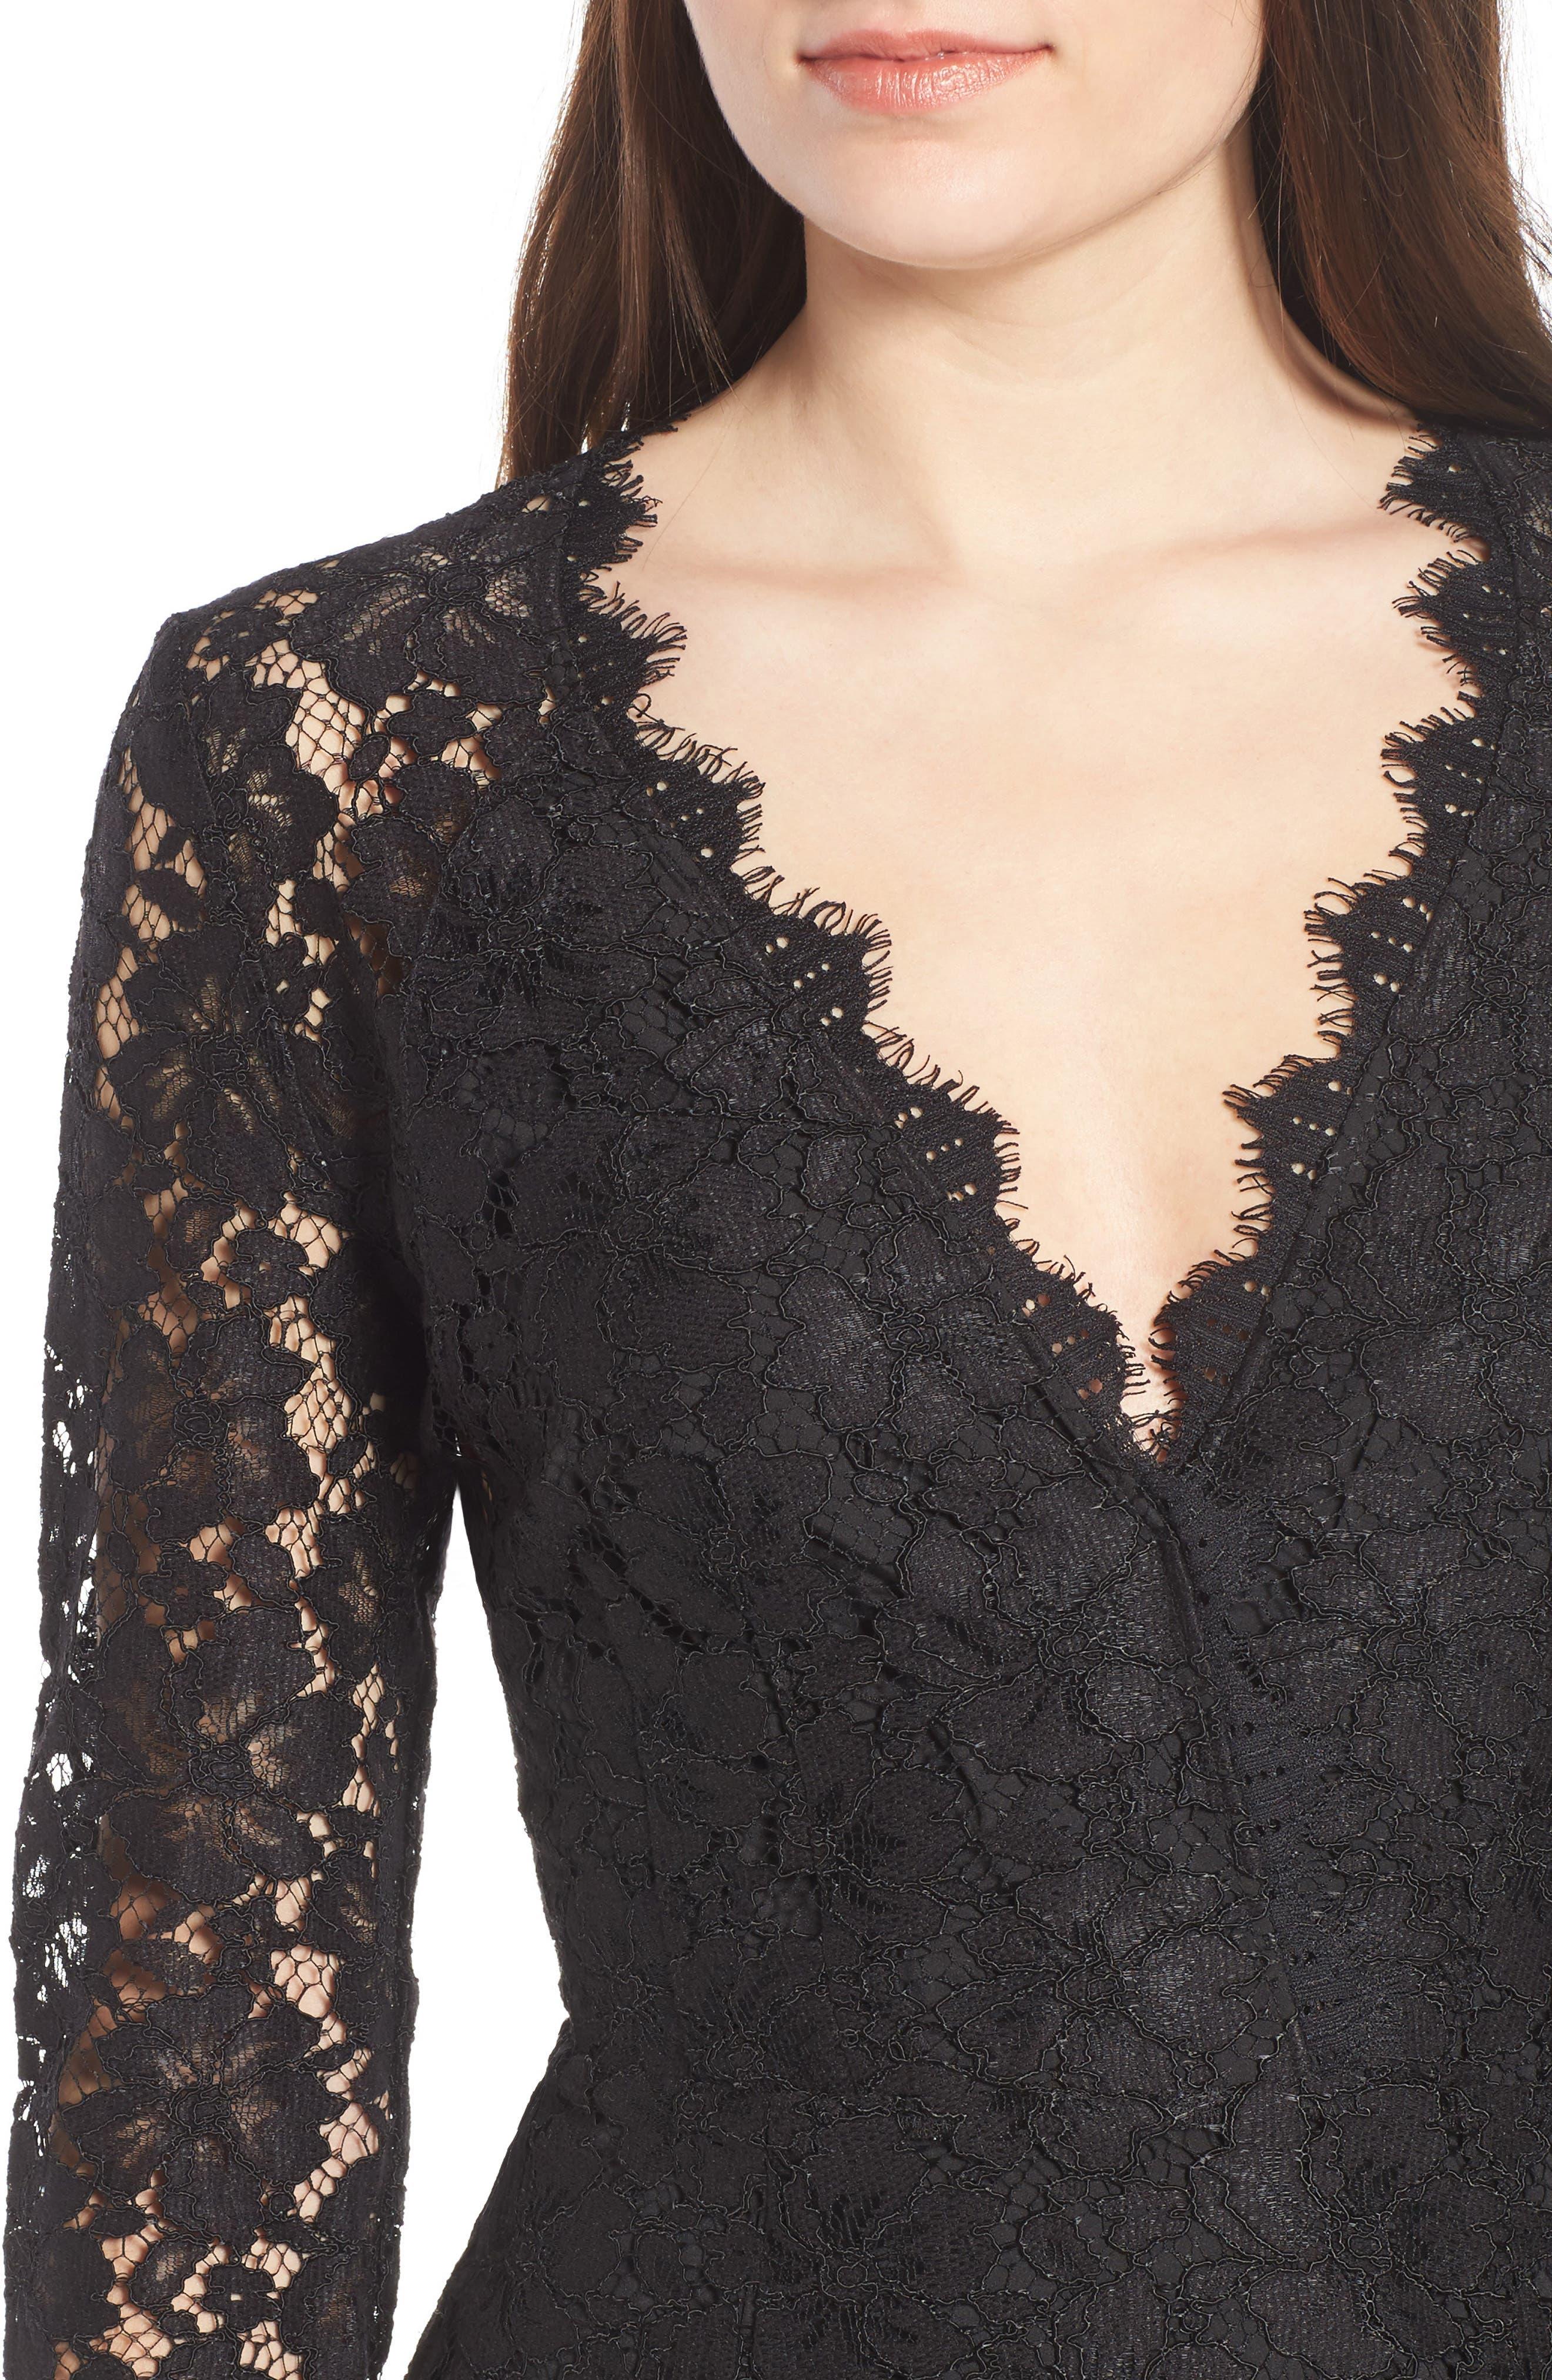 Say It Out Loud Lace Dress,                             Alternate thumbnail 8, color,                             Black